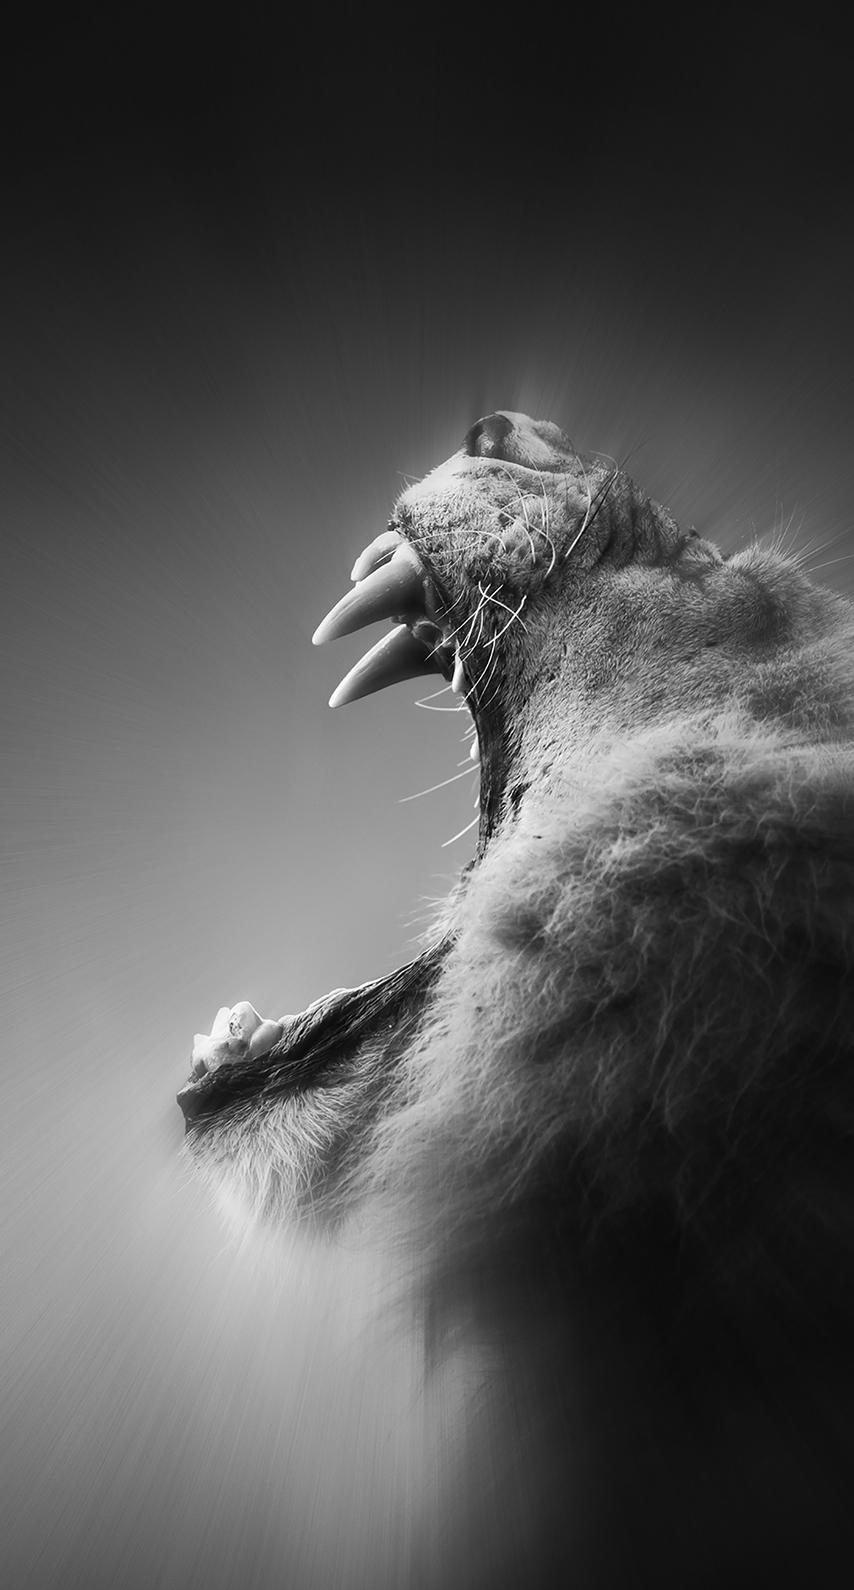 wildlife, backlit